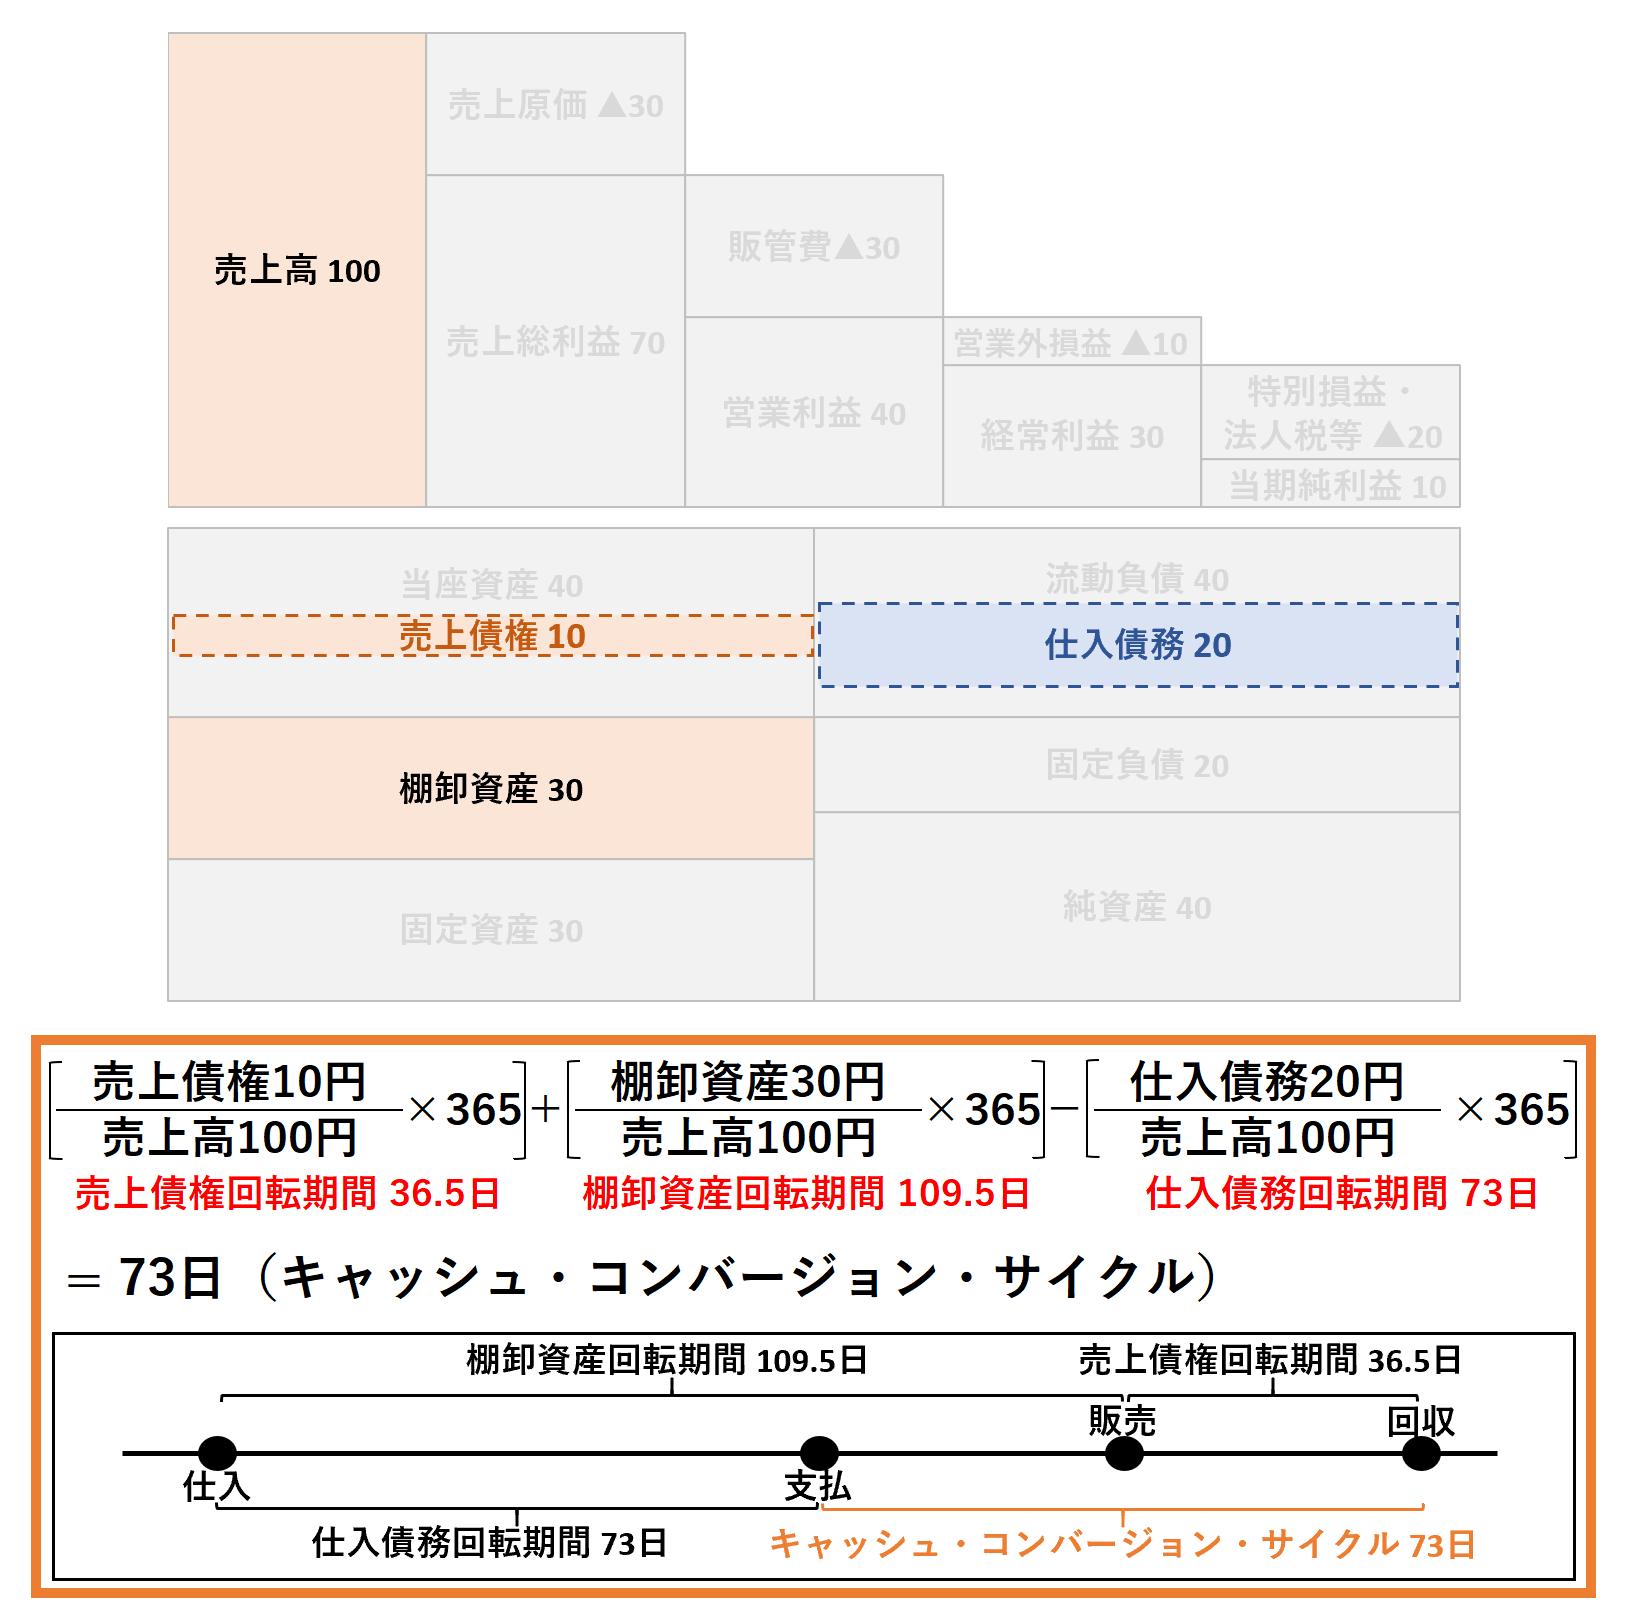 収益性分析(ビジネス会計検定2級):キャッシュコンバージョンサイクルー解答